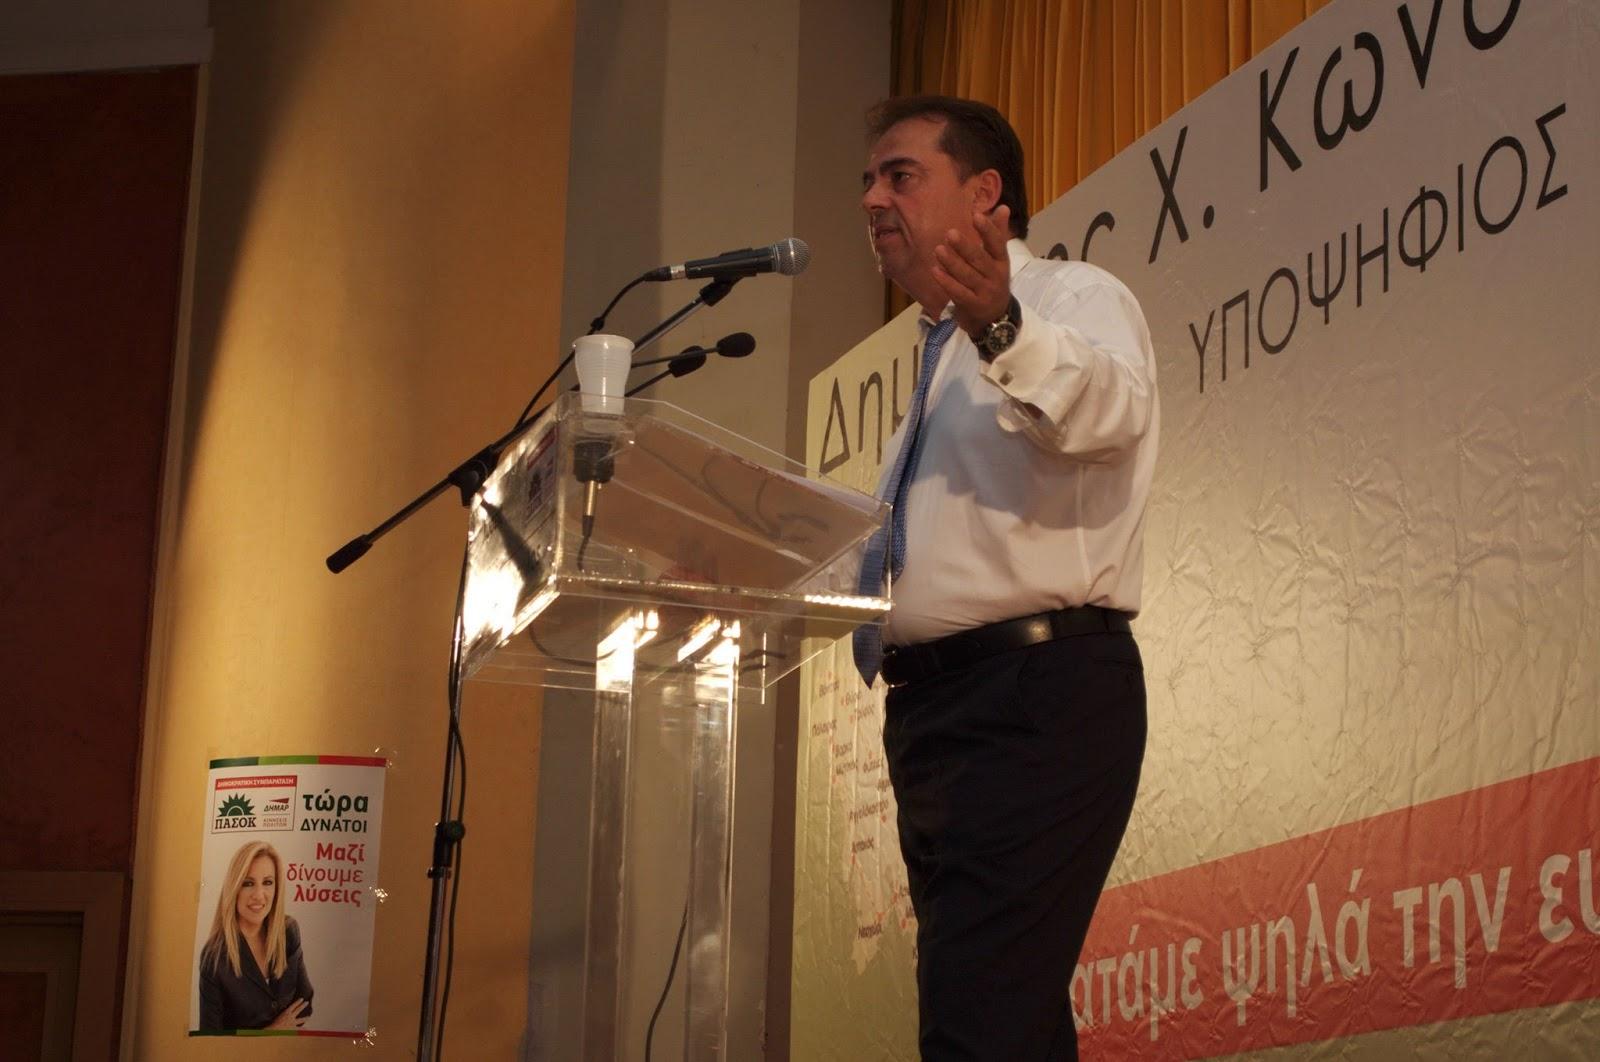 Ομιλία του κ. Δημήτρη Κωνσταντόπουλου στο Συνέδριο της Δημοκρατικής Συμπαράταξης